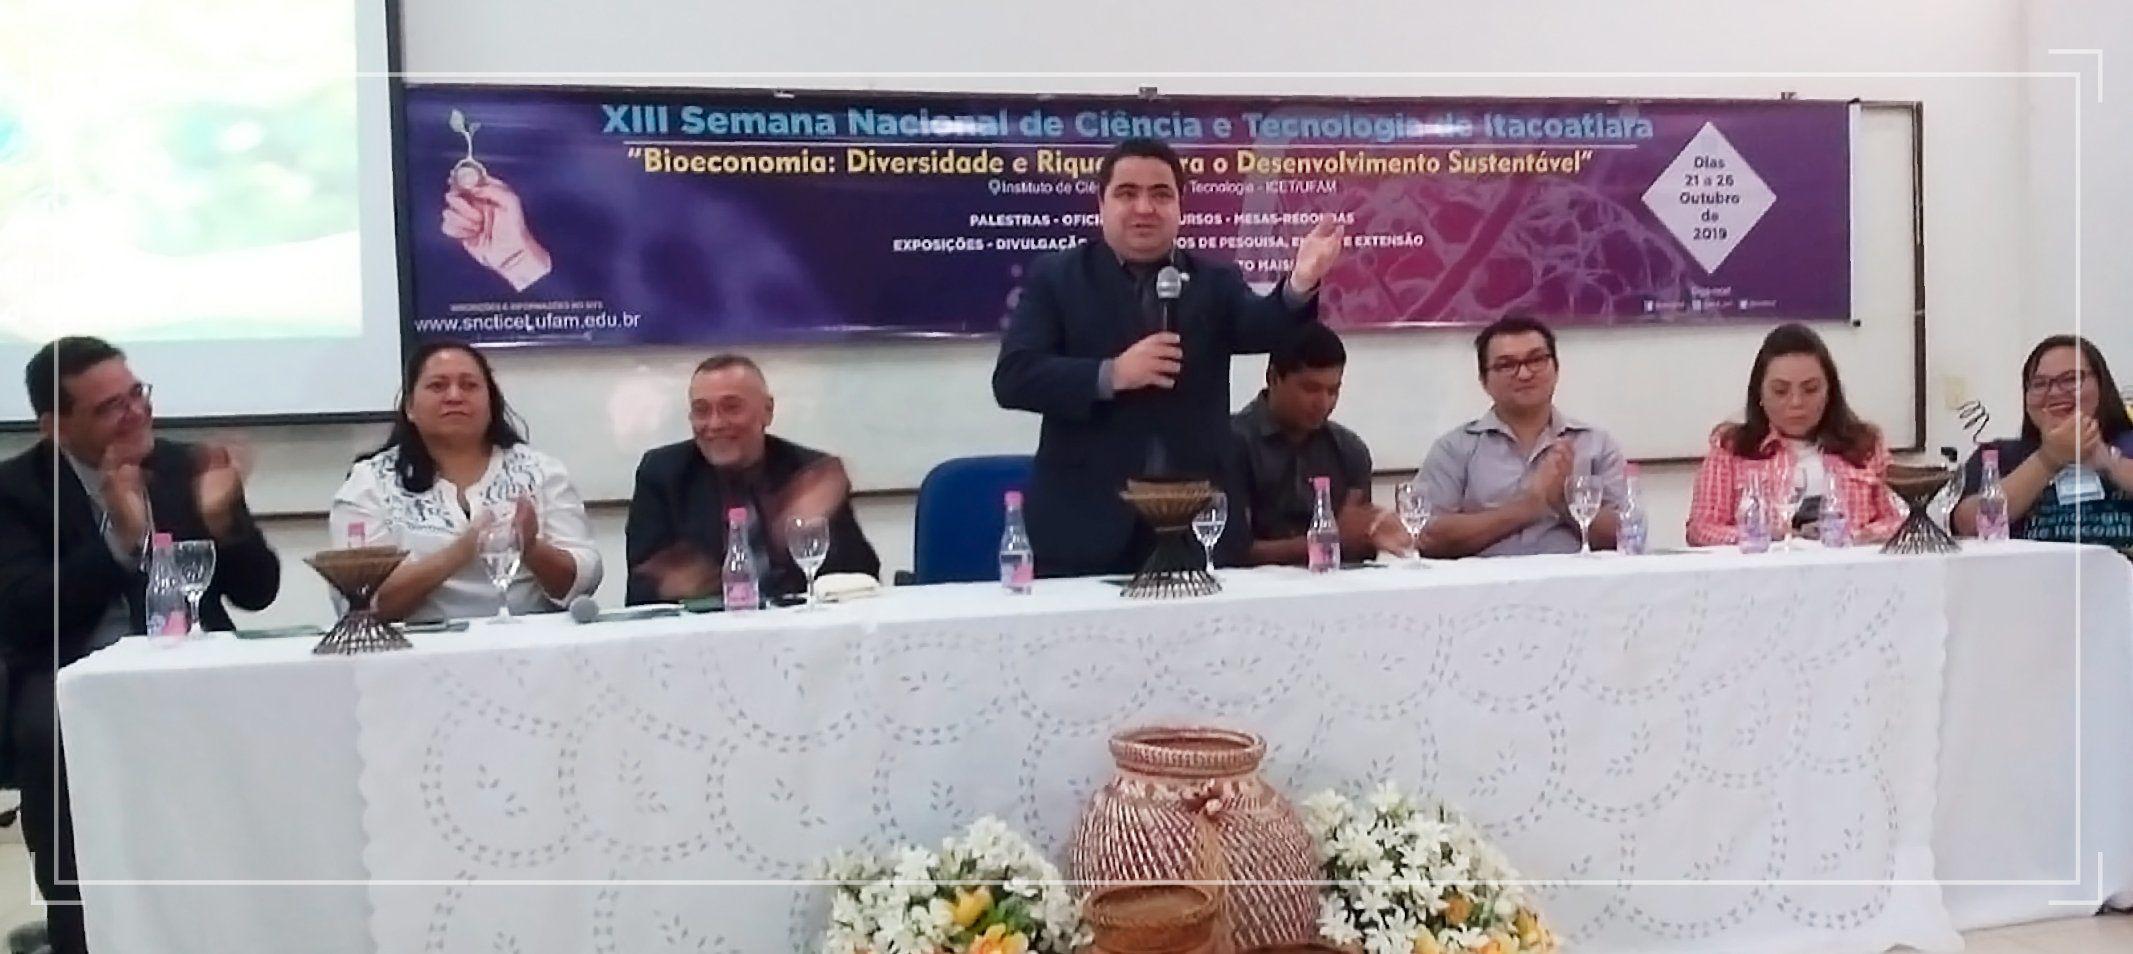 Atividades da Semana de Ciência e Tecnologia do Icet tem eventos simultâneos em Itacoatiara, Silves e Nova Olinda do Norte